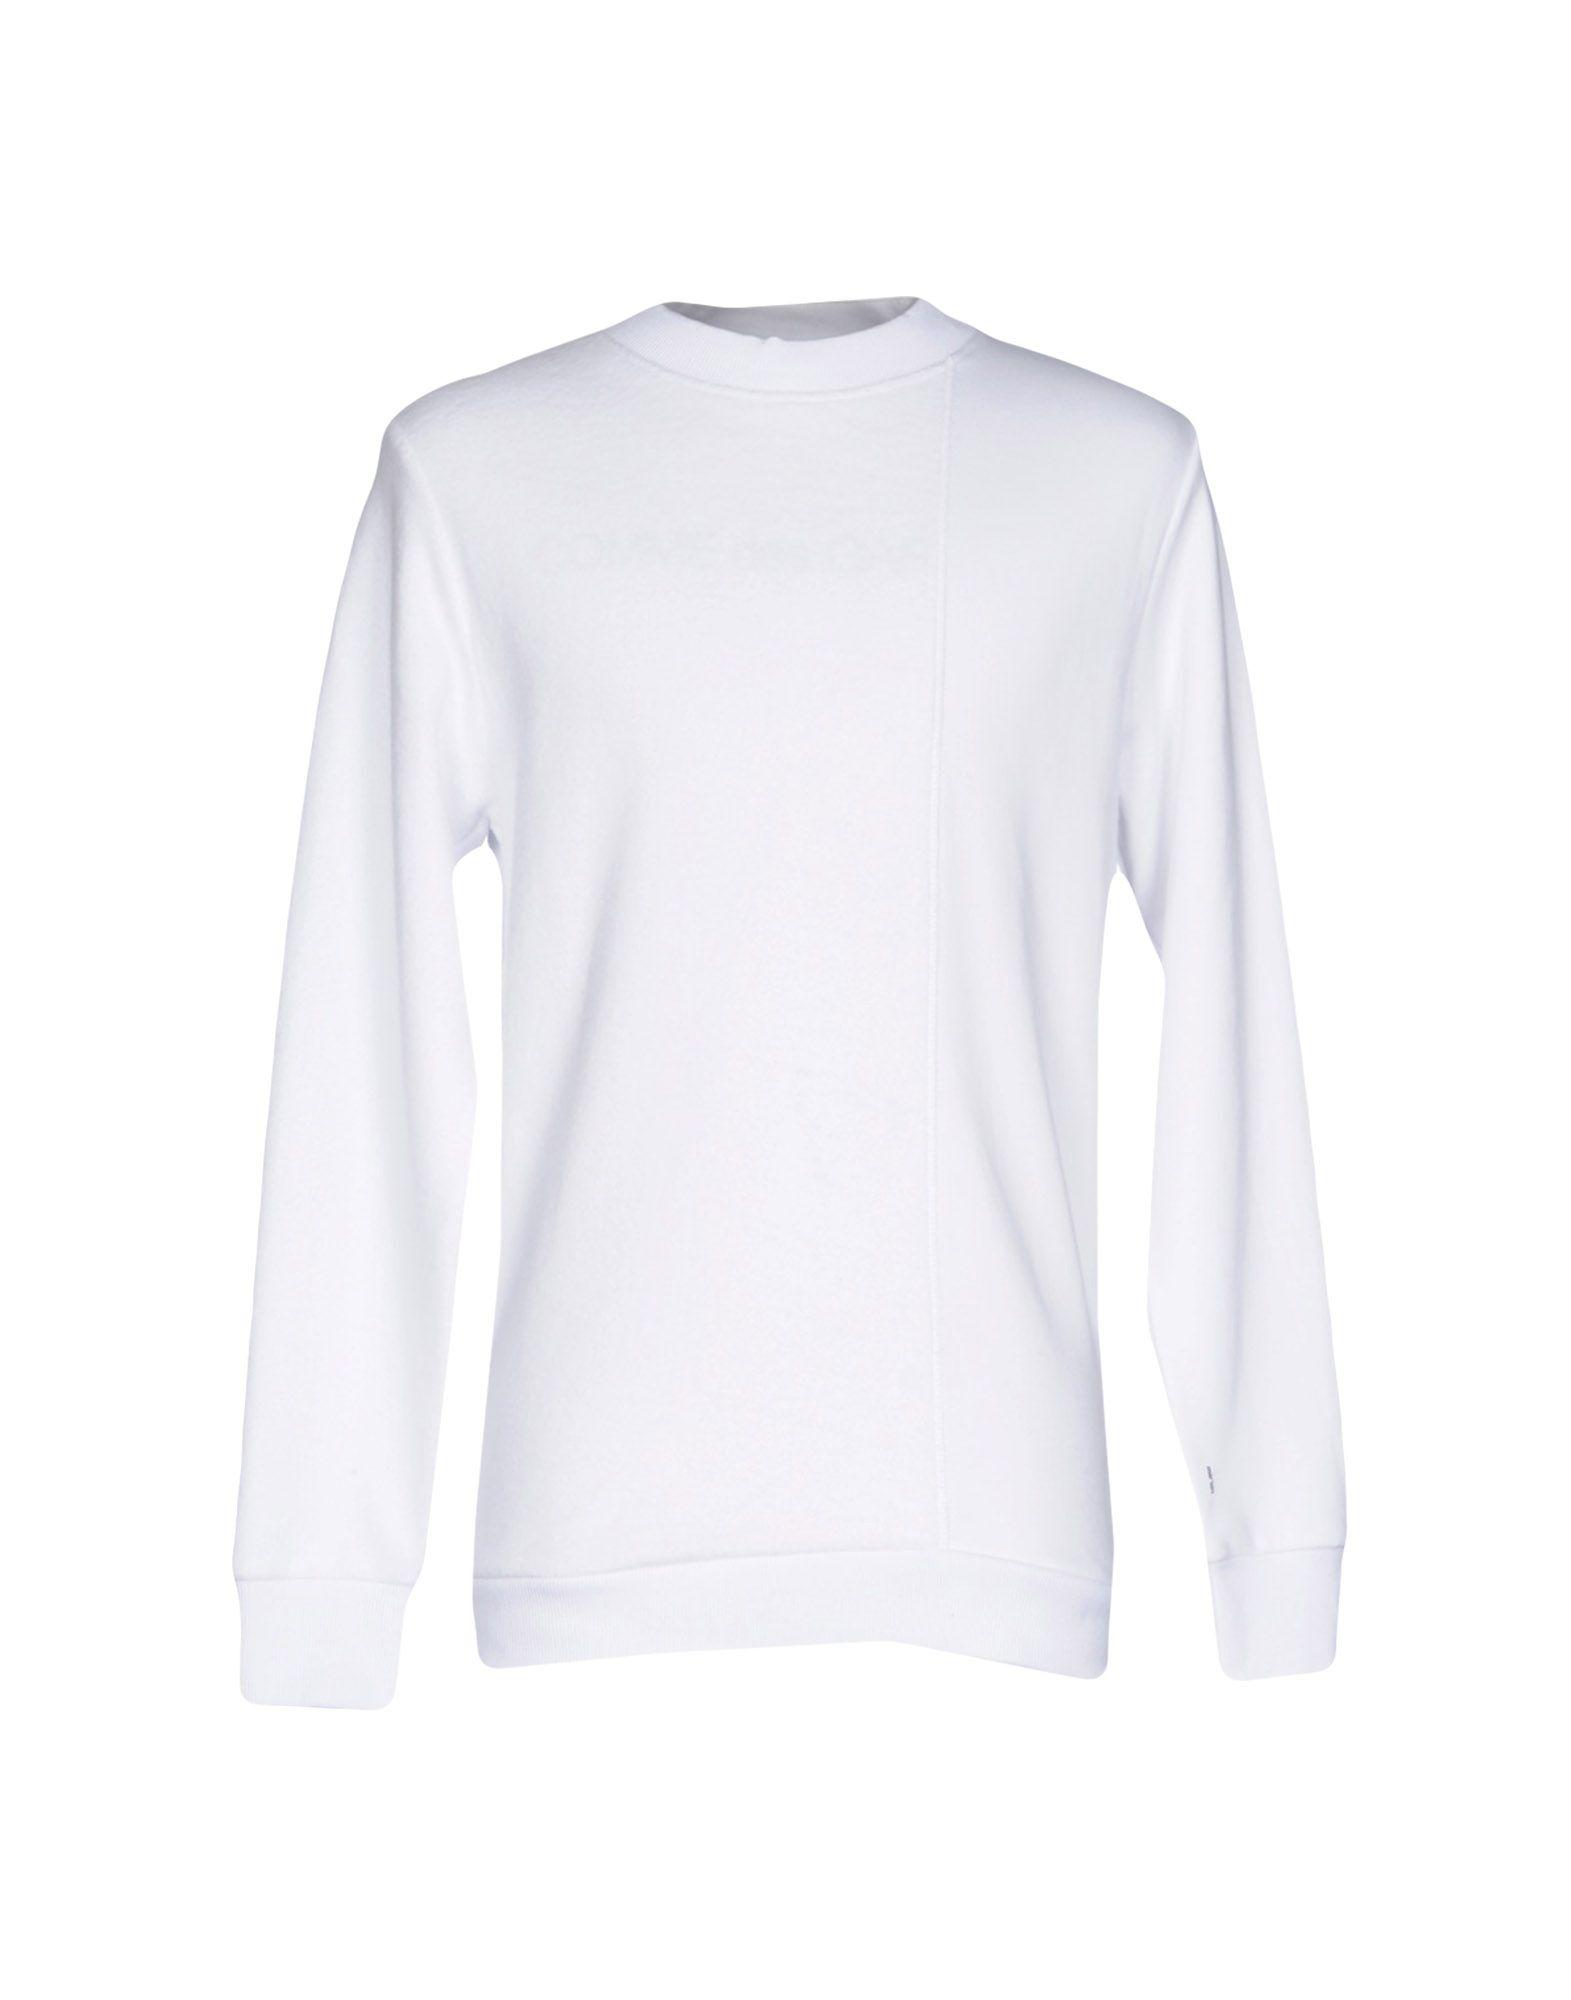 Mirror Sweatshirts